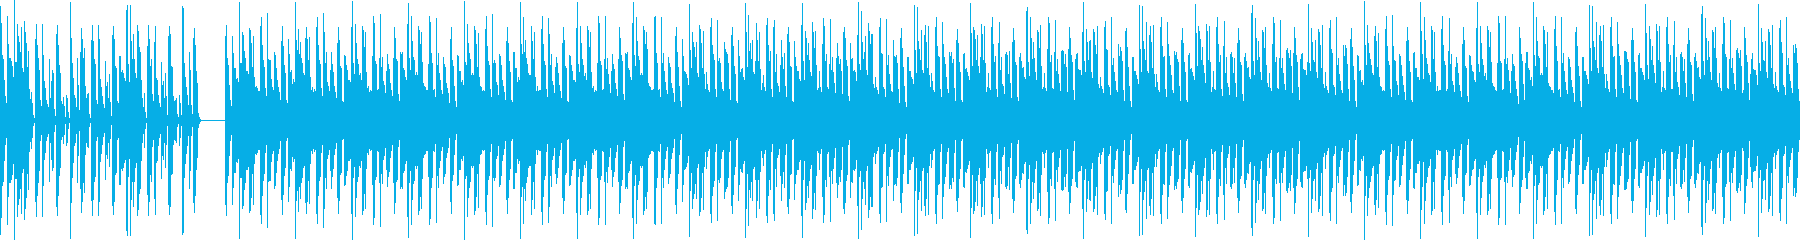 POPな雰囲気と都会的な最先端テクノの再生済みの波形